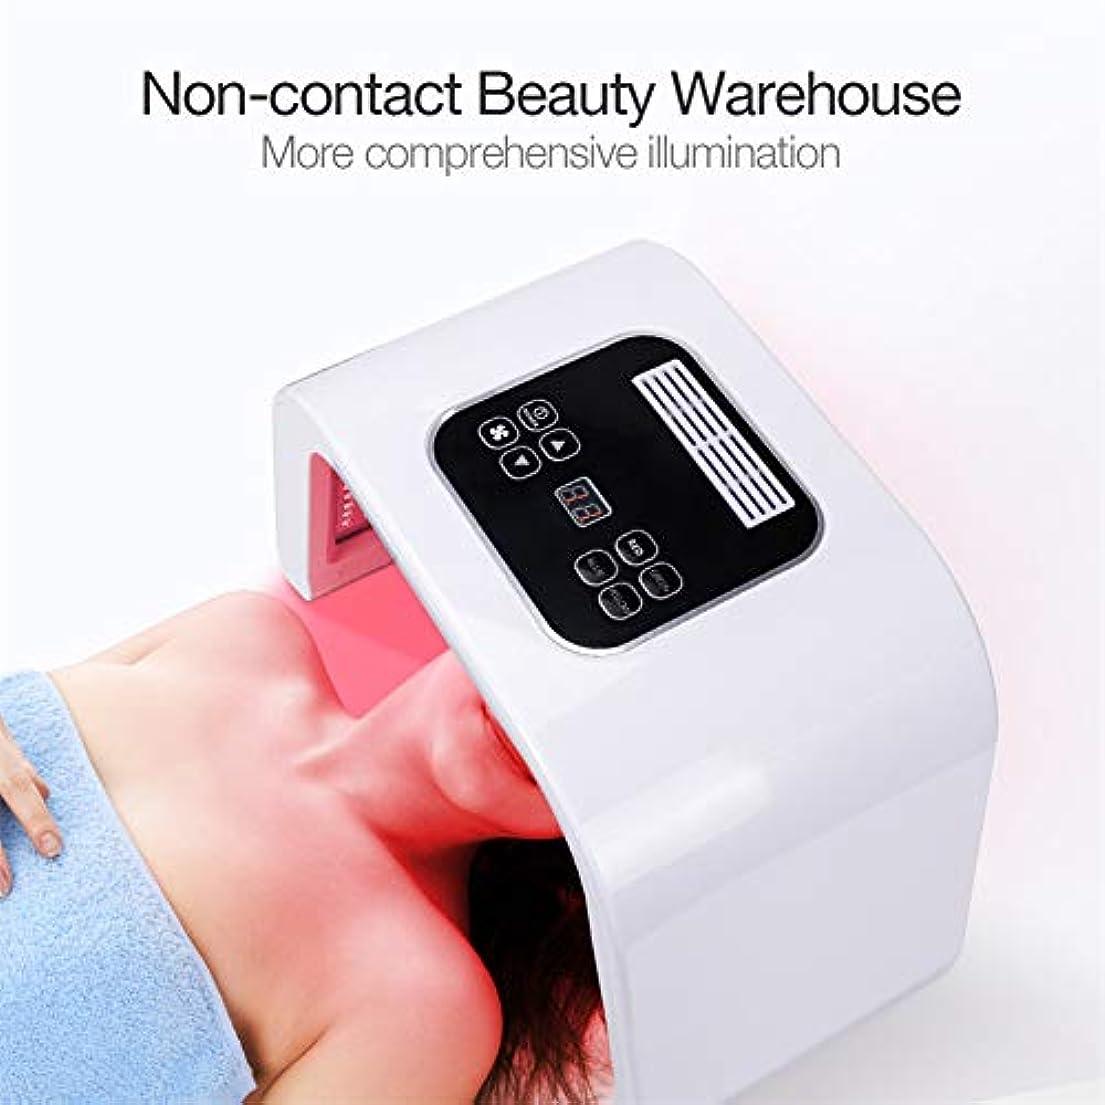 巨大な行商人ハンドブックプロフェッショナル光子PDT LEDライトフェイシャルマスクマシン7色のにきび治療フェイスホワイトニング肌の若返りライトセラピー